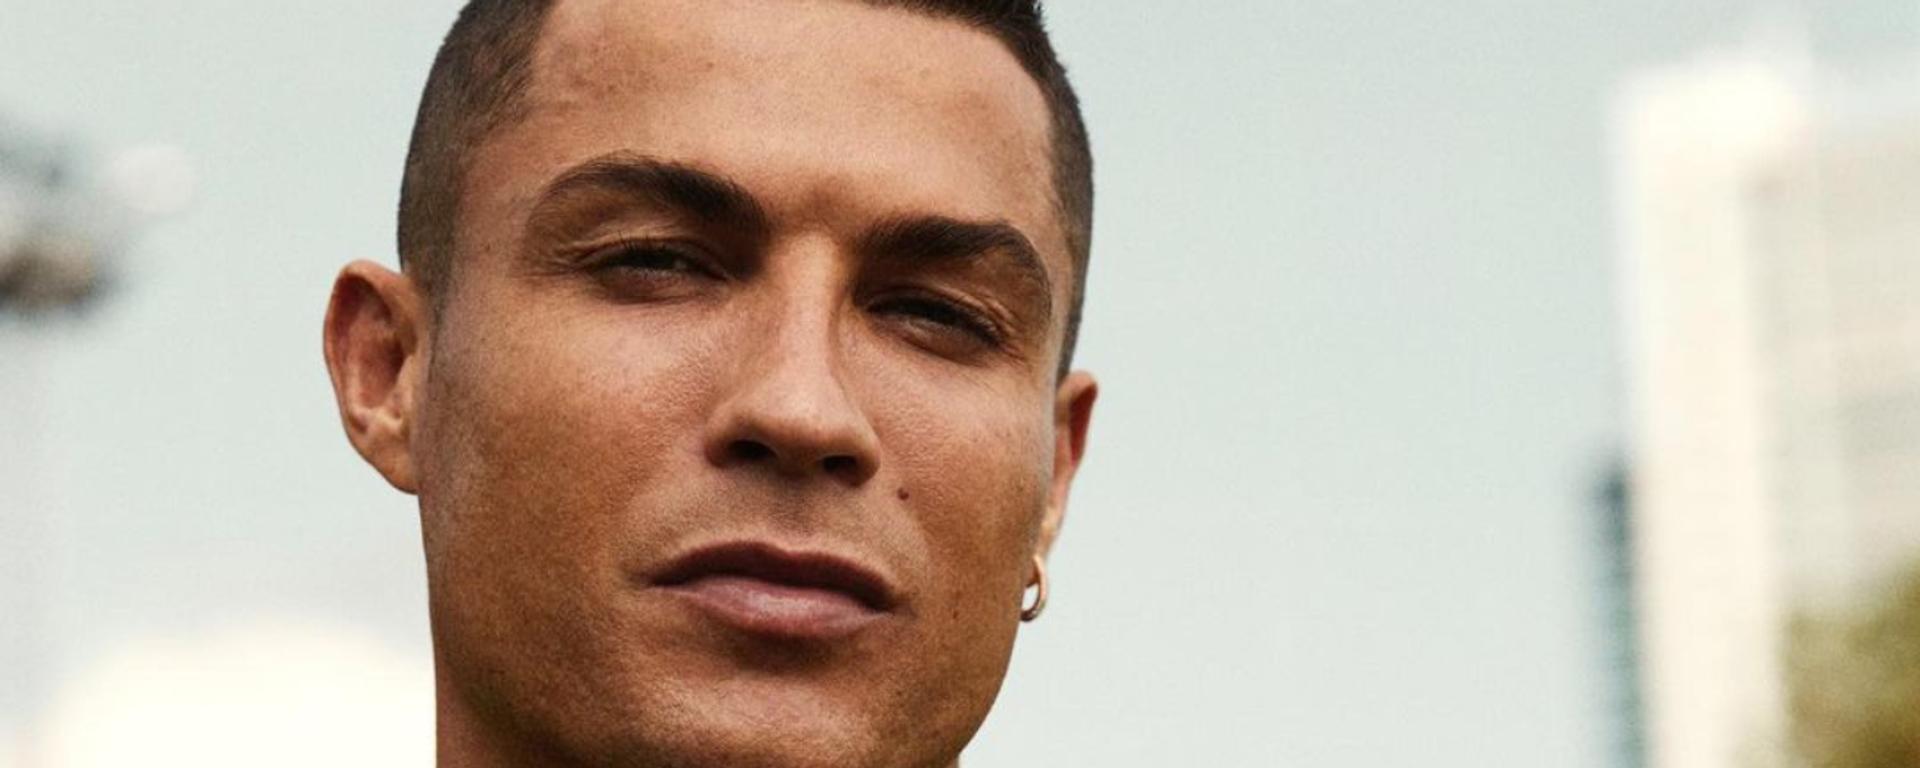 Cristiano Ronaldo, futbolista portugués - Sputnik Mundo, 1920, 27.08.2021